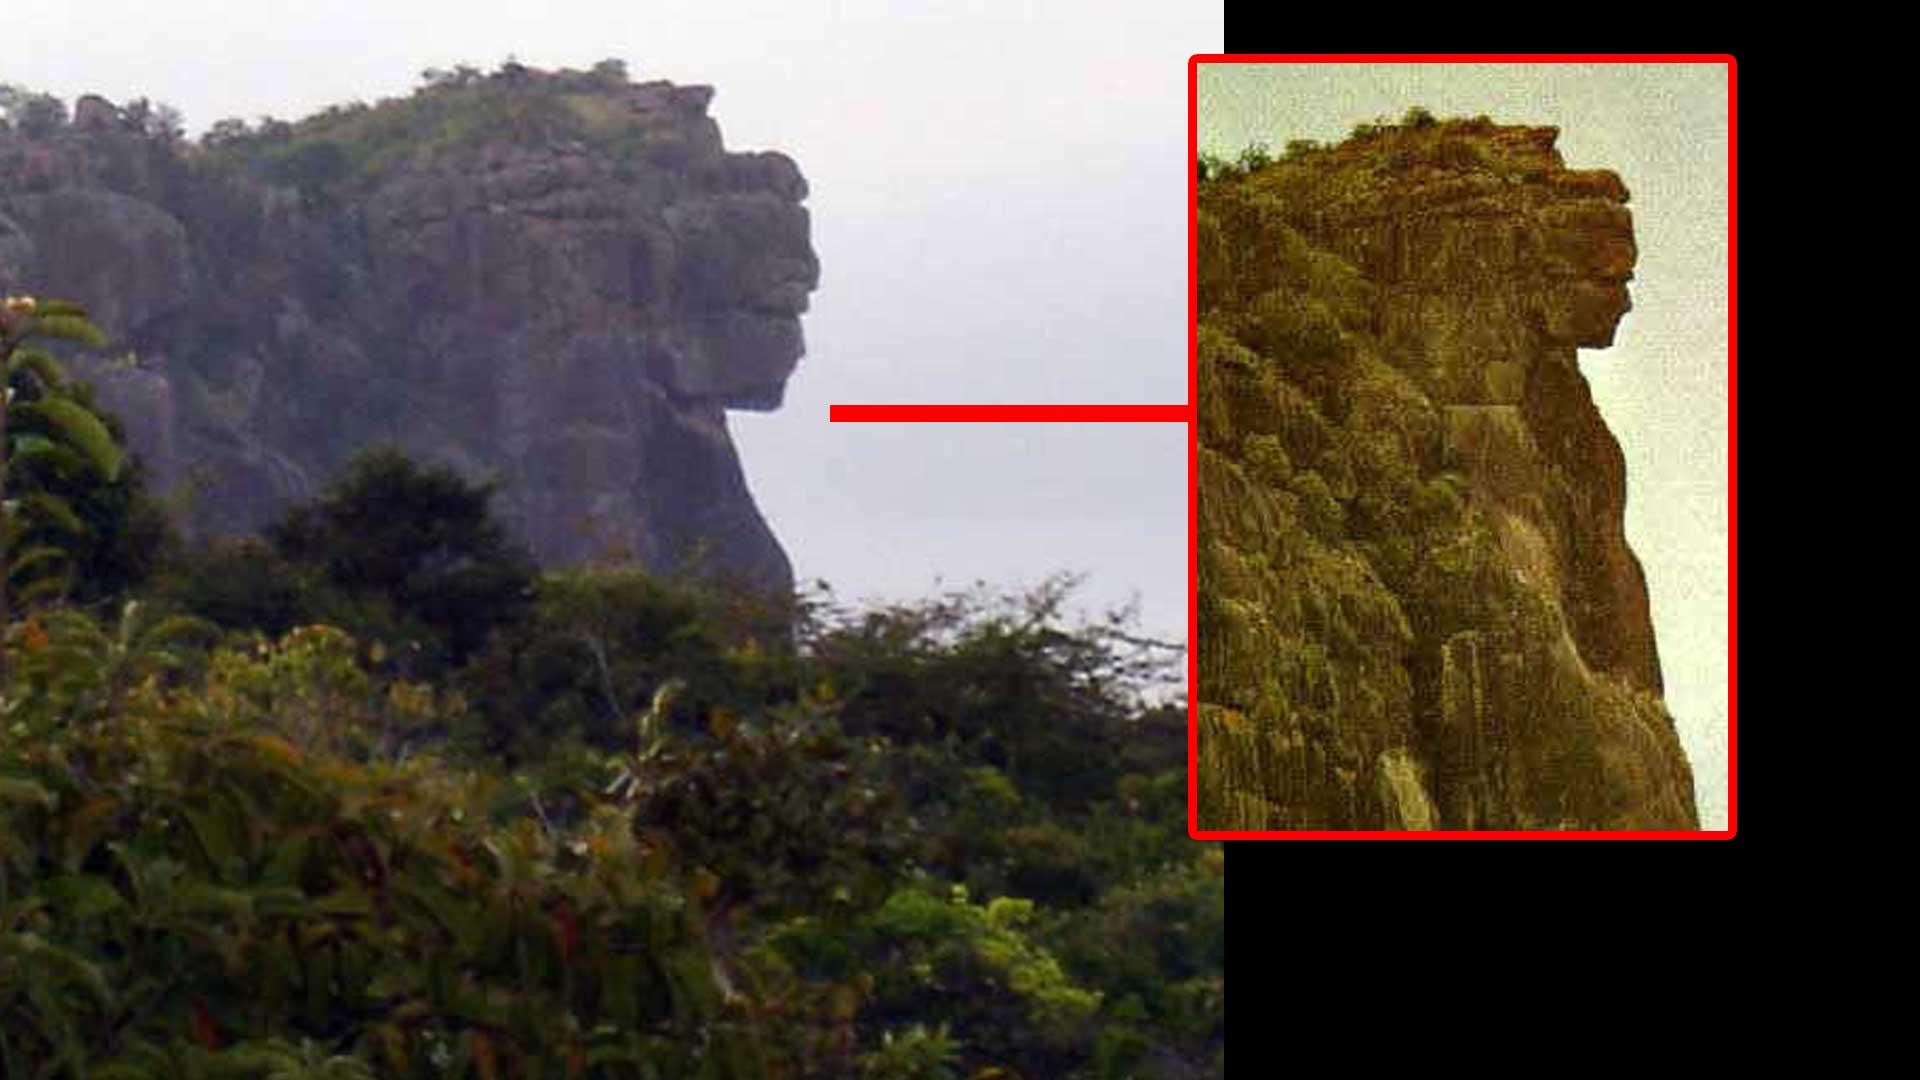 La Diosa Blanca, ¿pareidolia o creación de una antigua civilización africana?